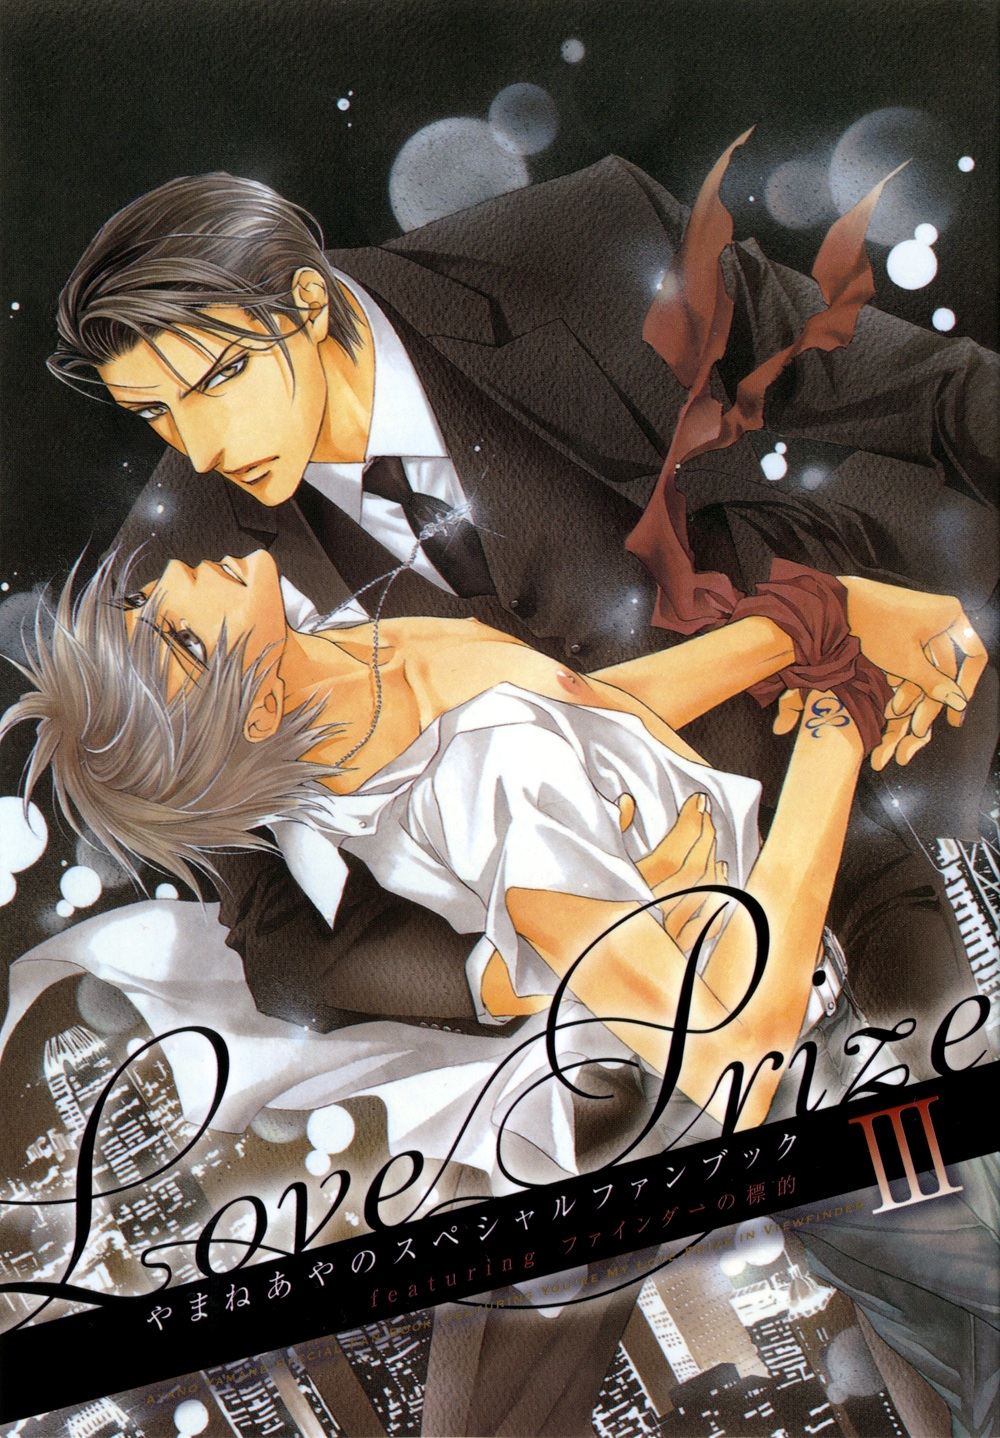 Pin on hot guys anime and manga 1